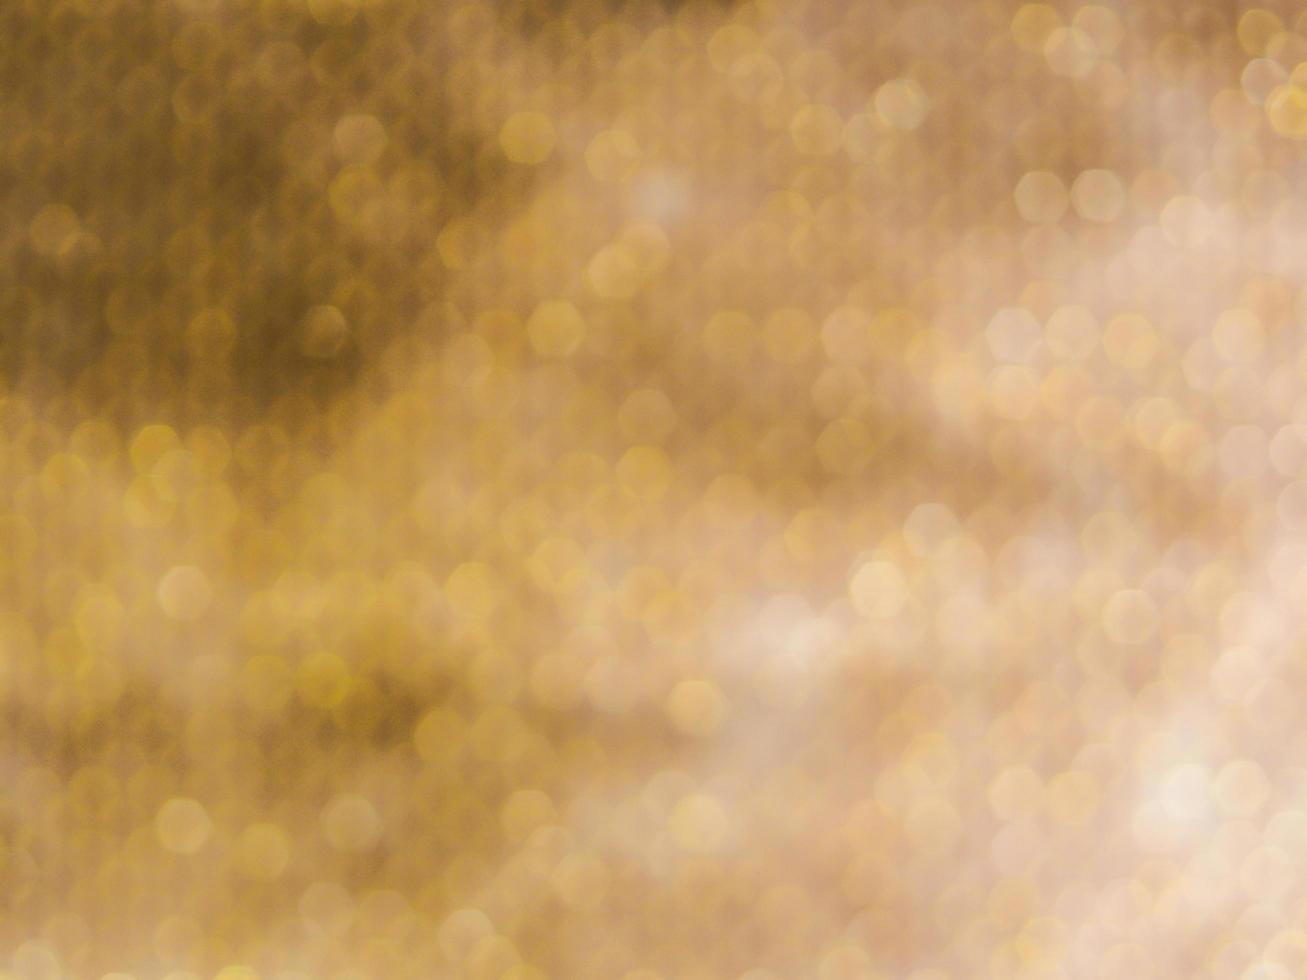 abstraktes Gold Bokeh foto